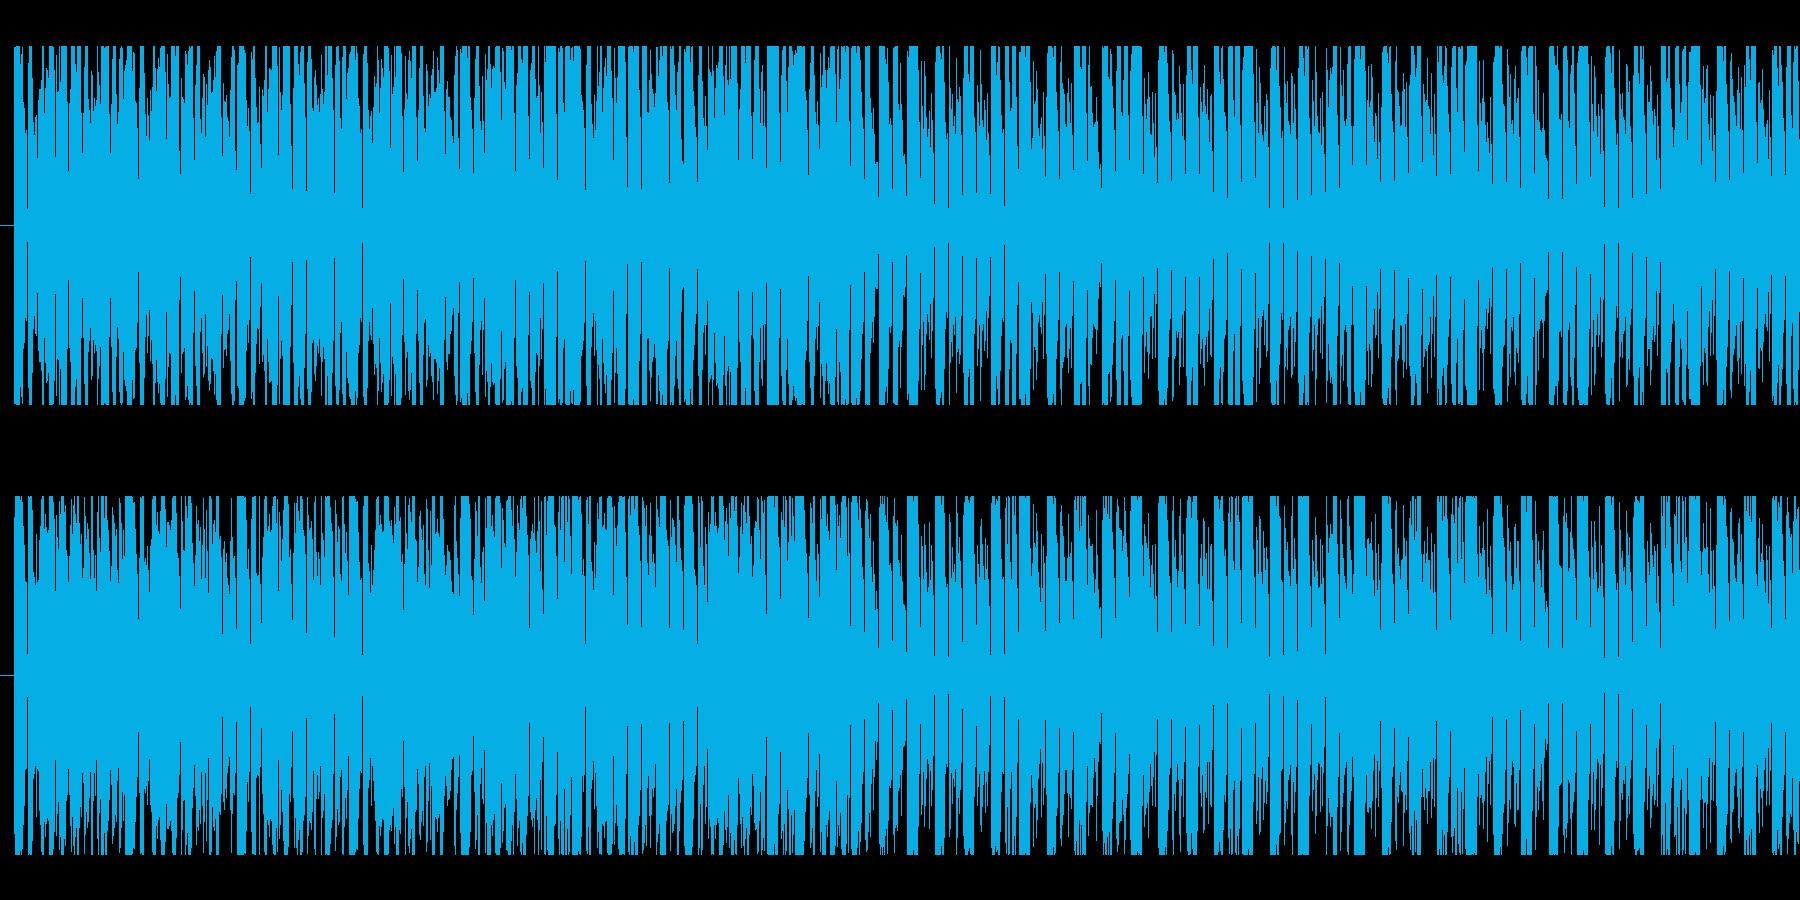 ディスコ、エレクトロ、ループの再生済みの波形